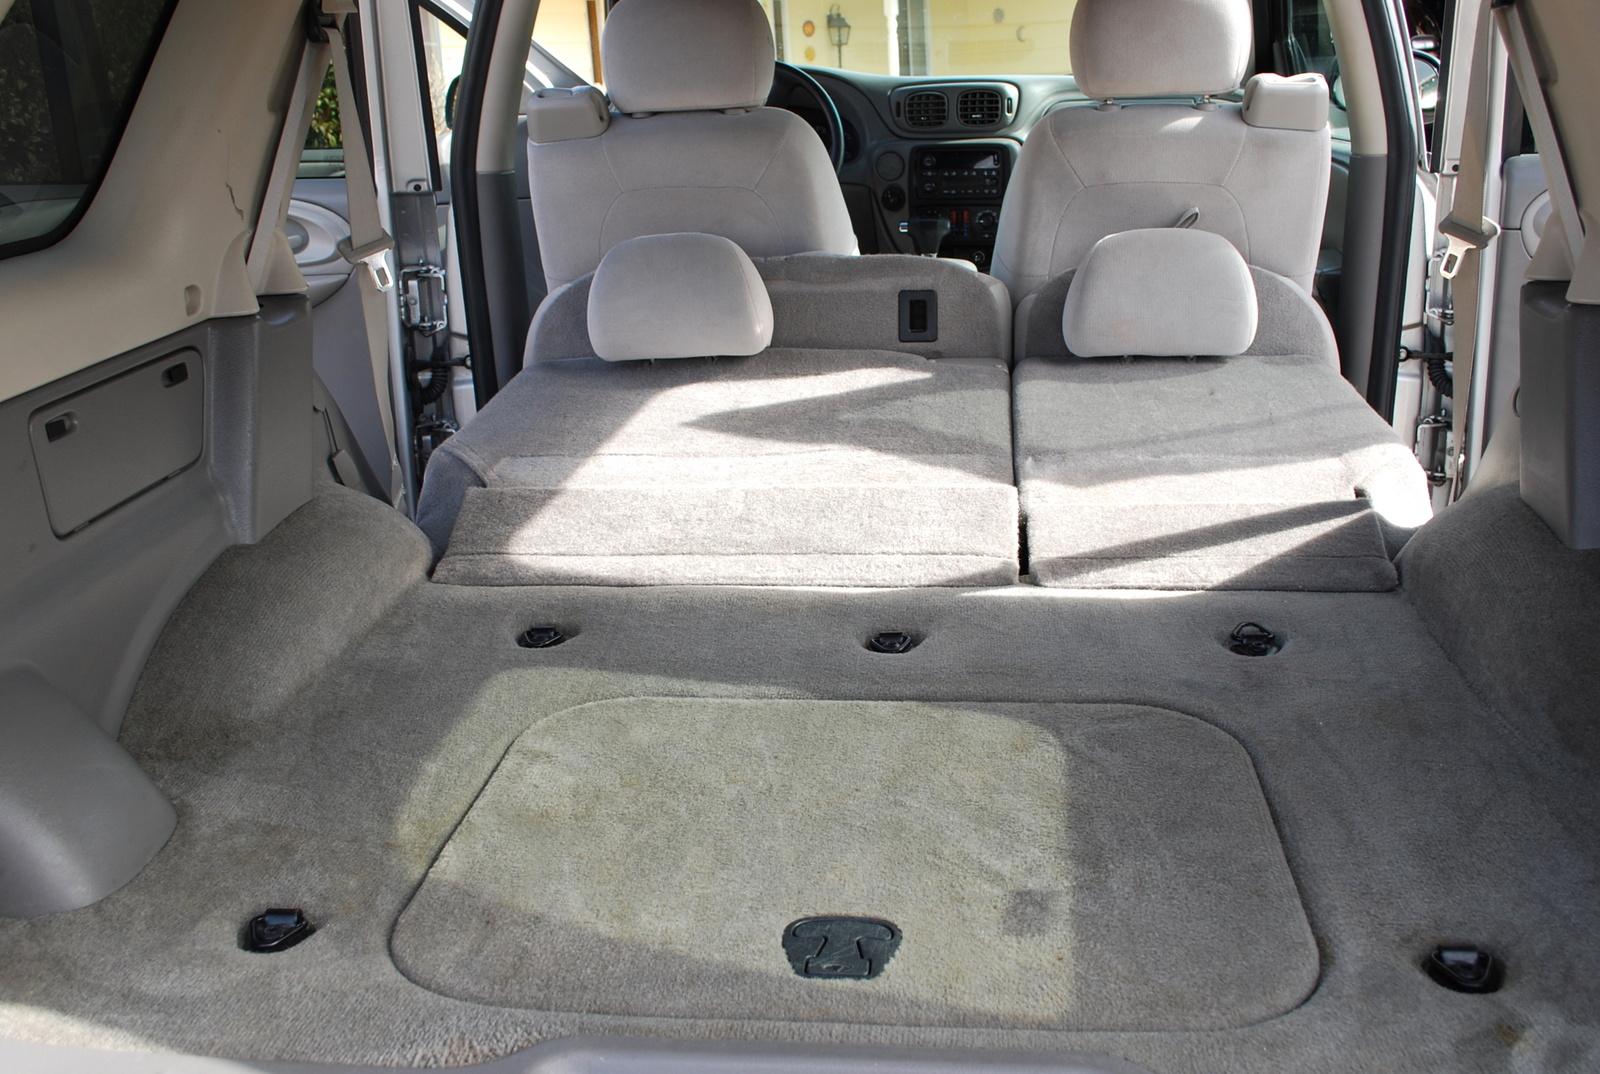 2008 Chevrolet Trailblazer Pictures Cargurus